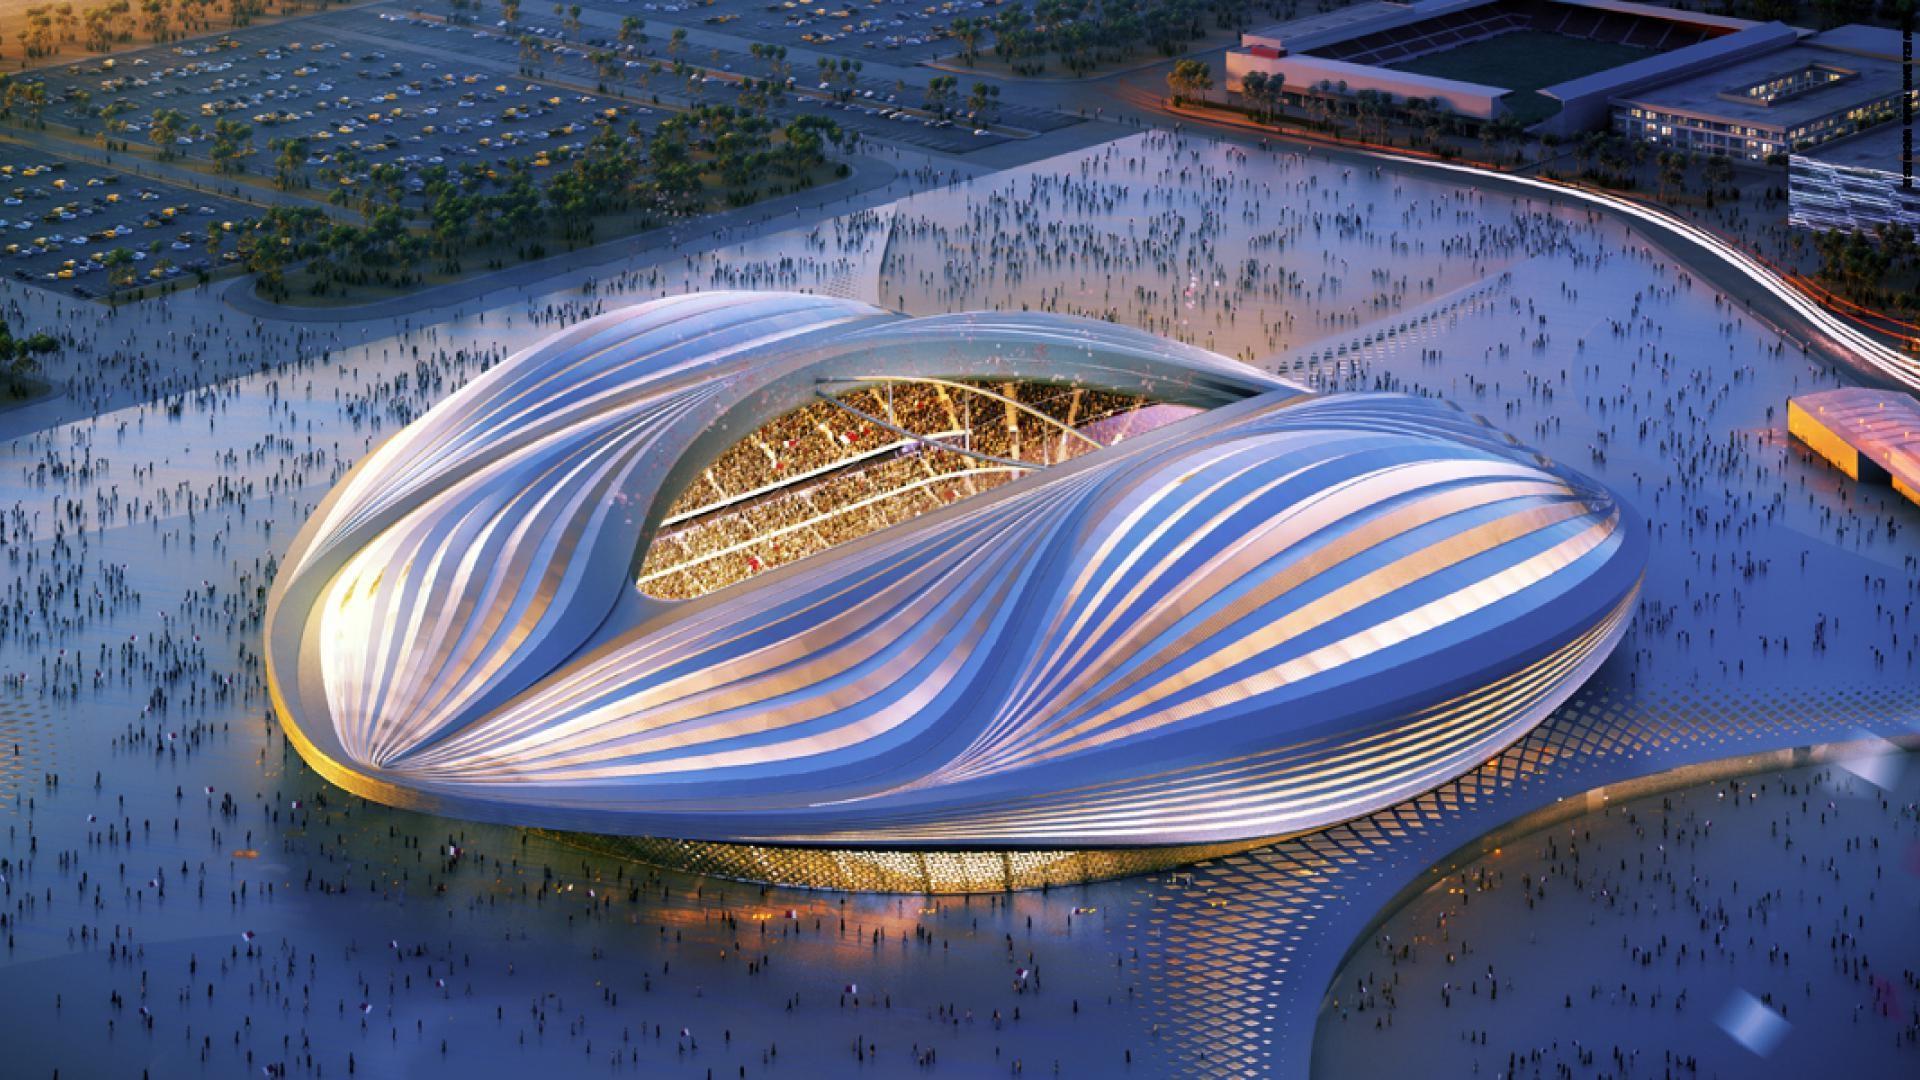 Футбольный стадион 2022, Катар | Космические работы самой известной женщины-архитектора Захи Хадид | Brain Berries